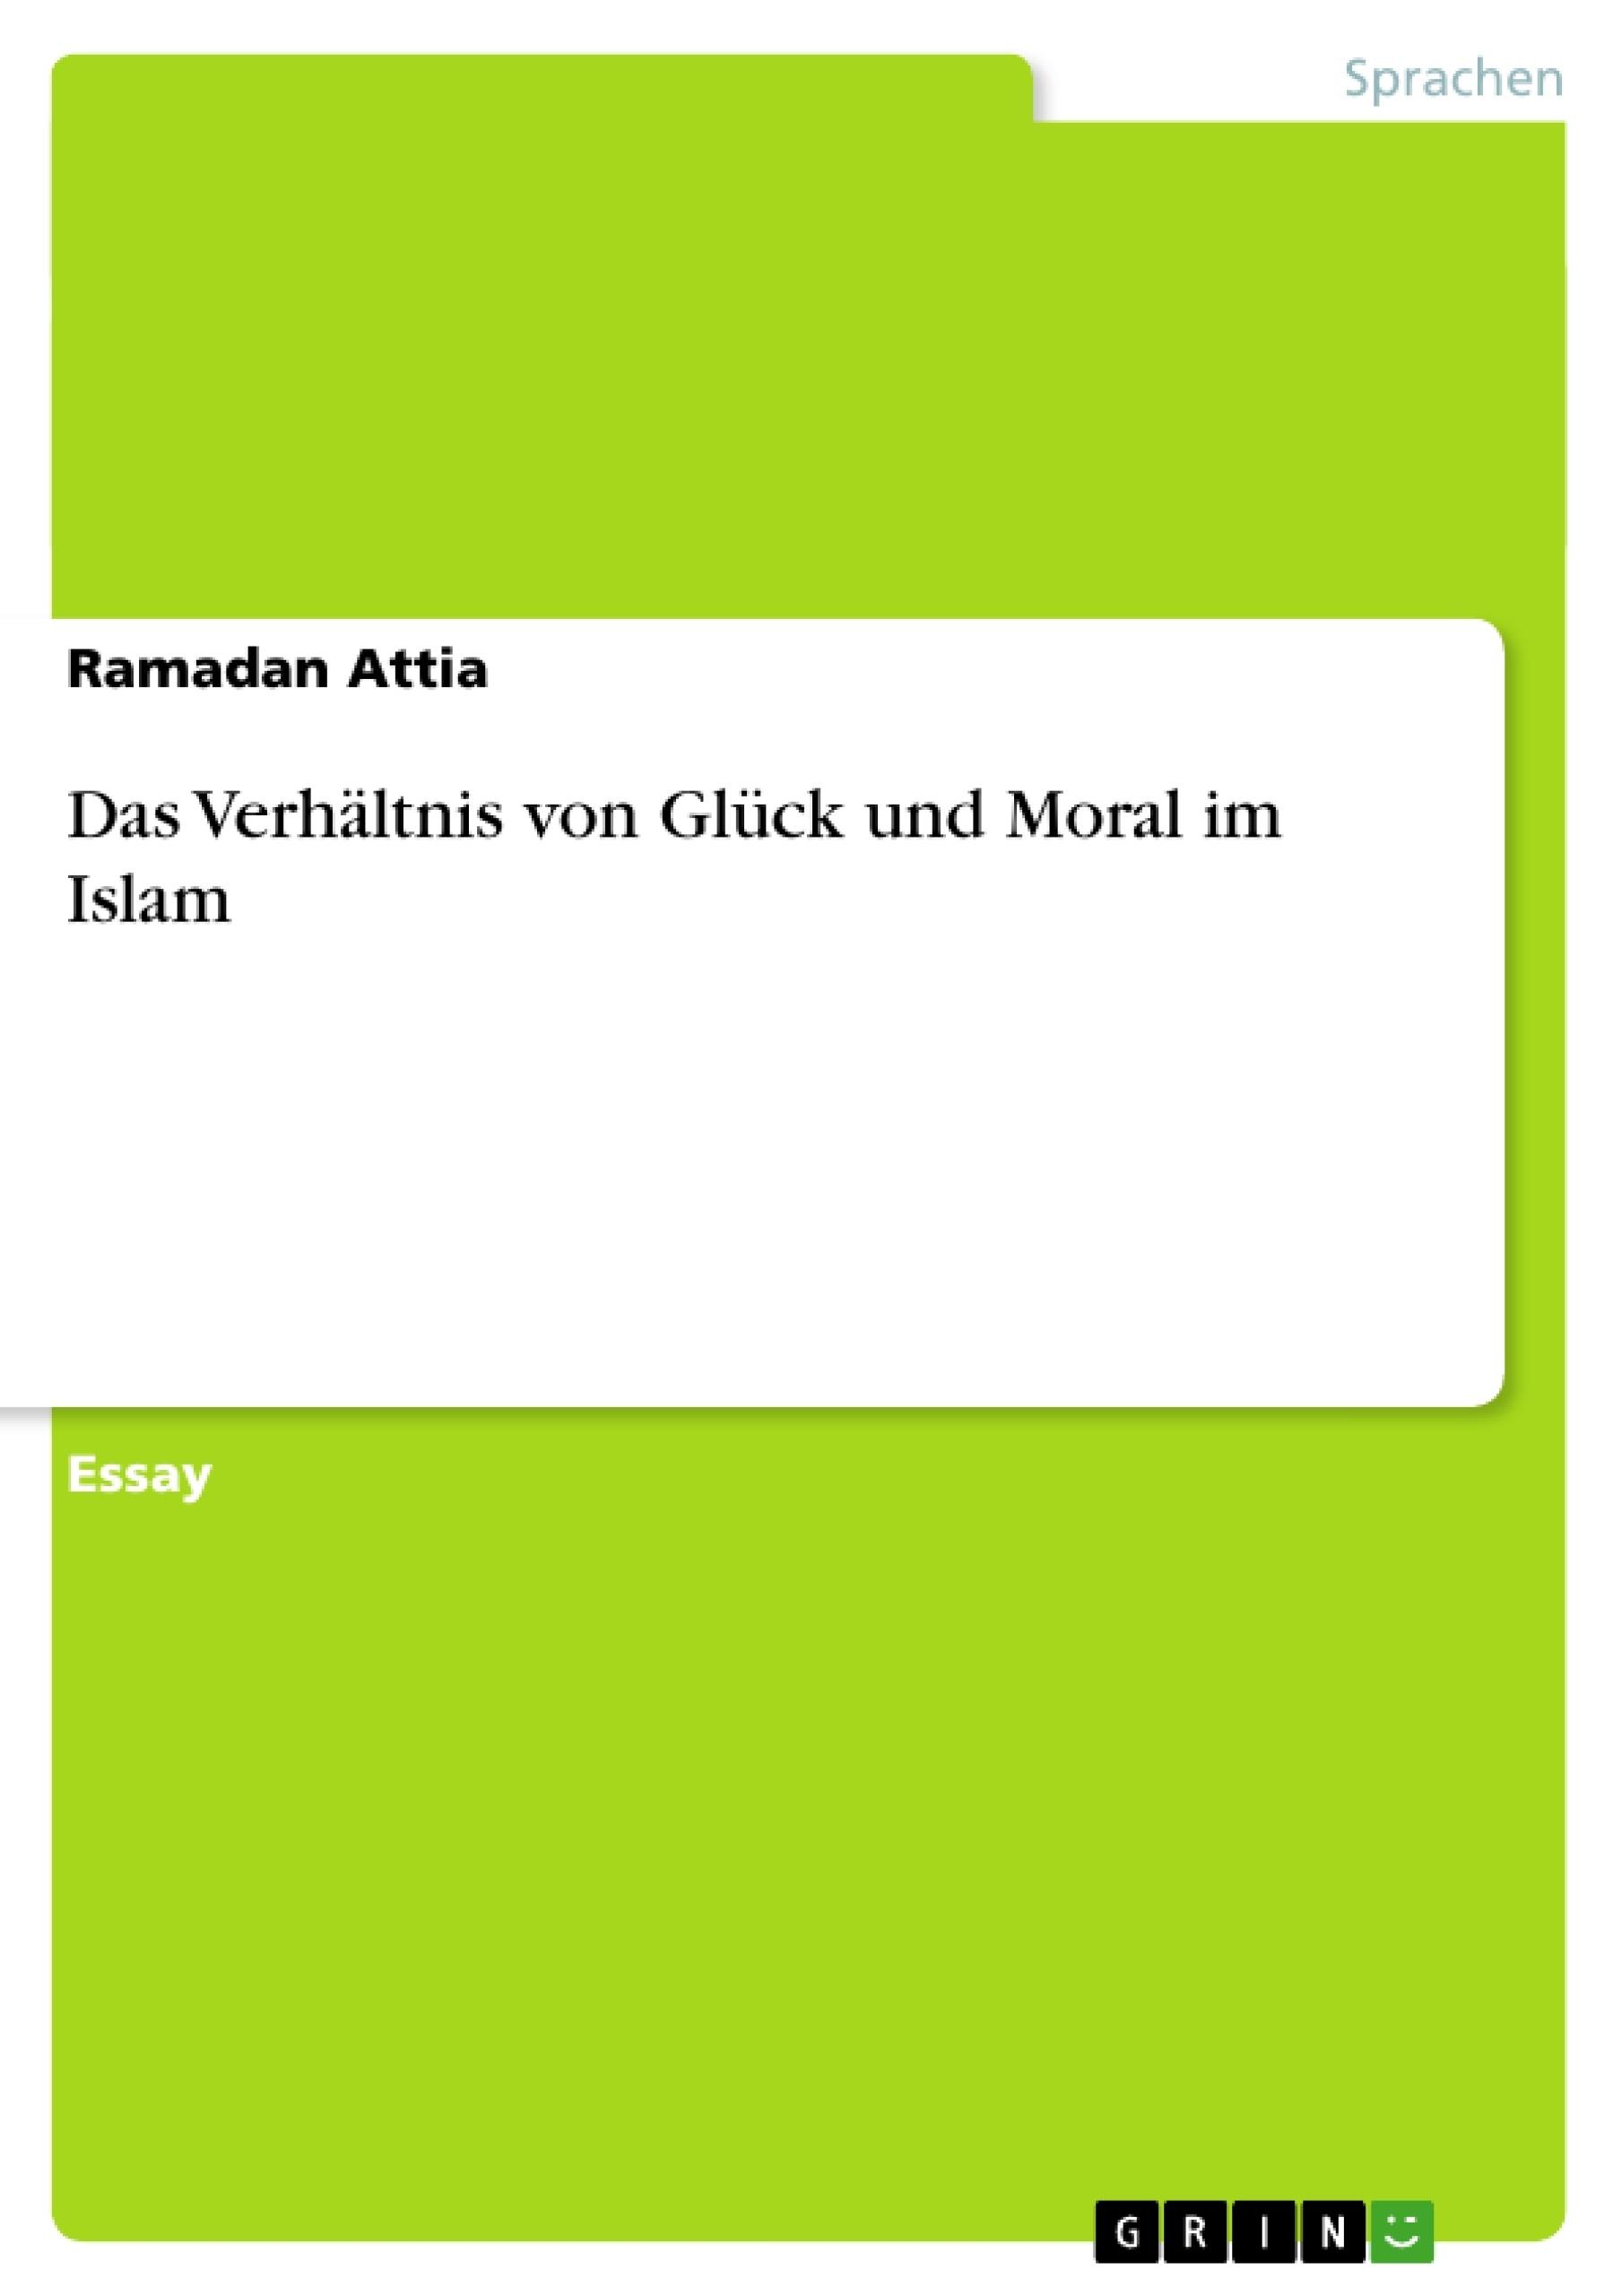 Titel: Das Verhältnis von Glück und Moral im Islam